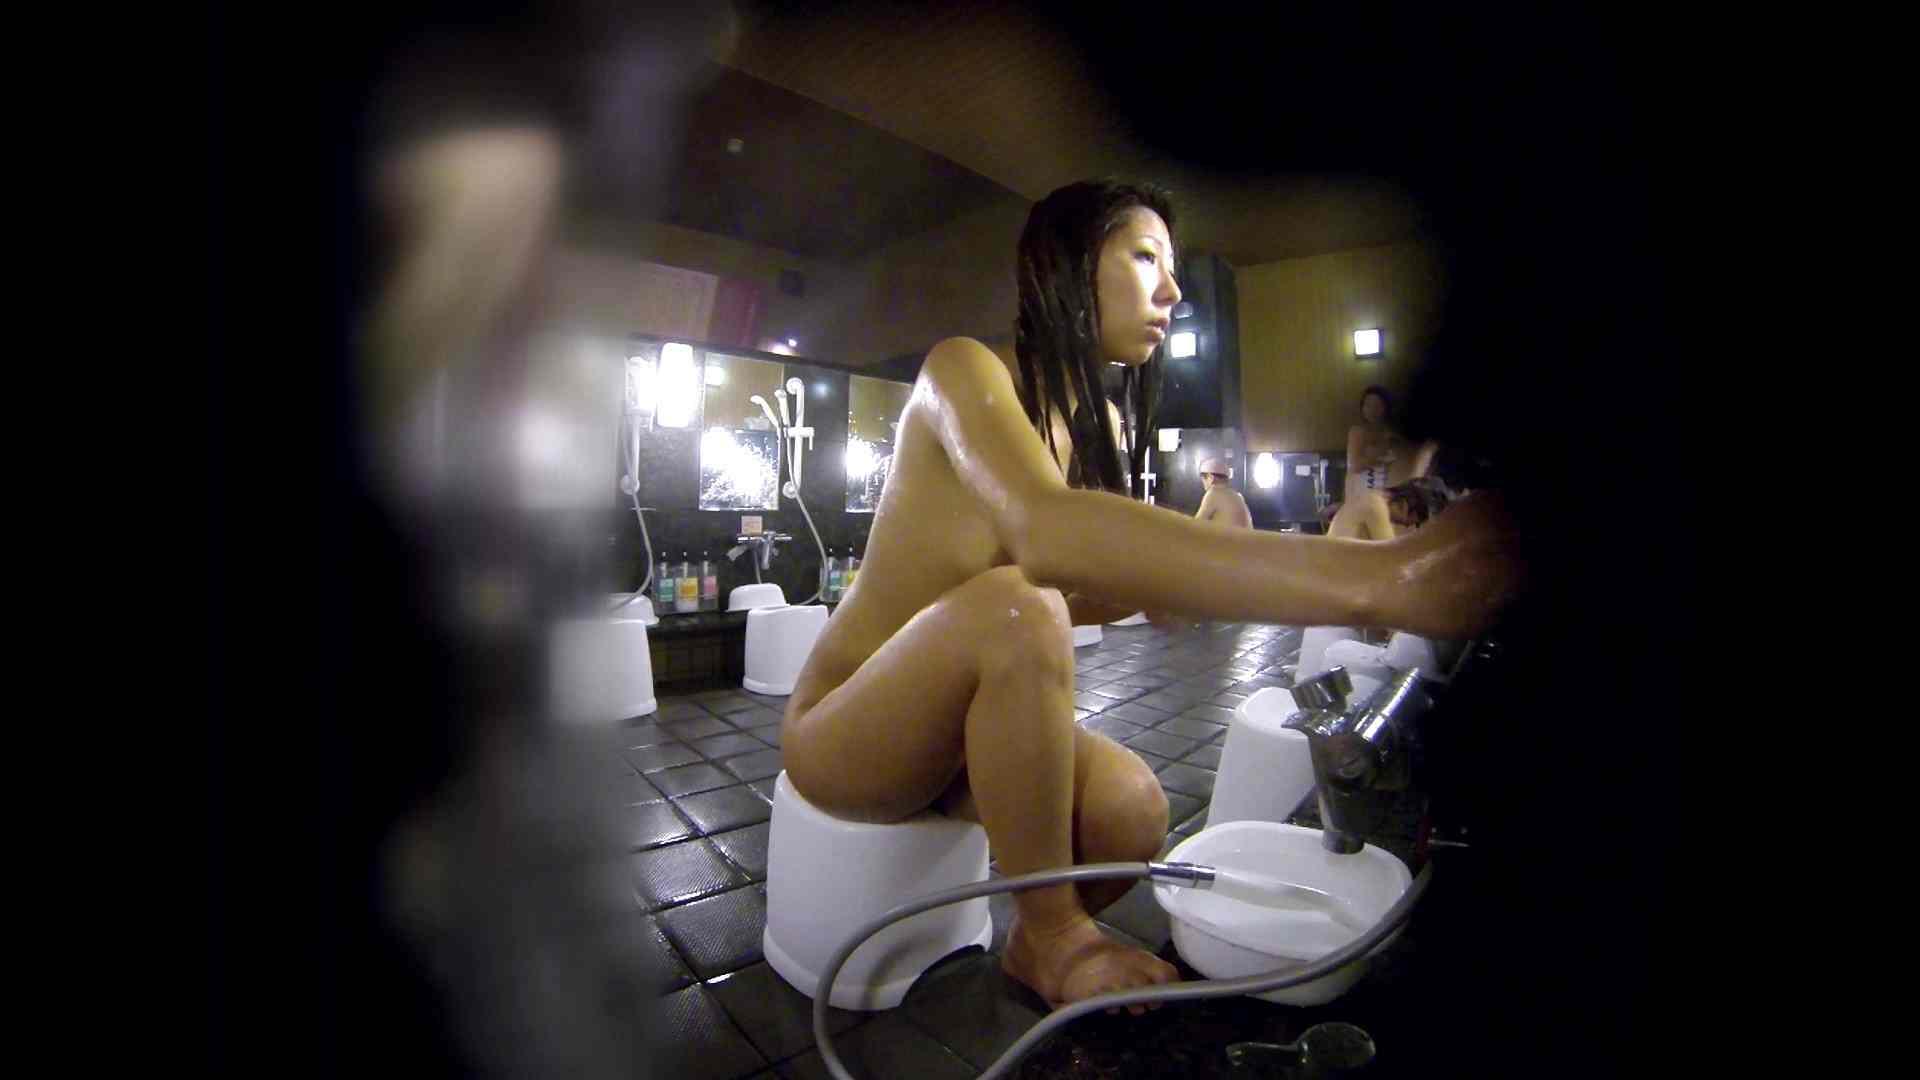 洗い場!綺麗に整えられた陰毛に嫉妬します。 銭湯着替え おめこ無修正動画無料 63画像 17